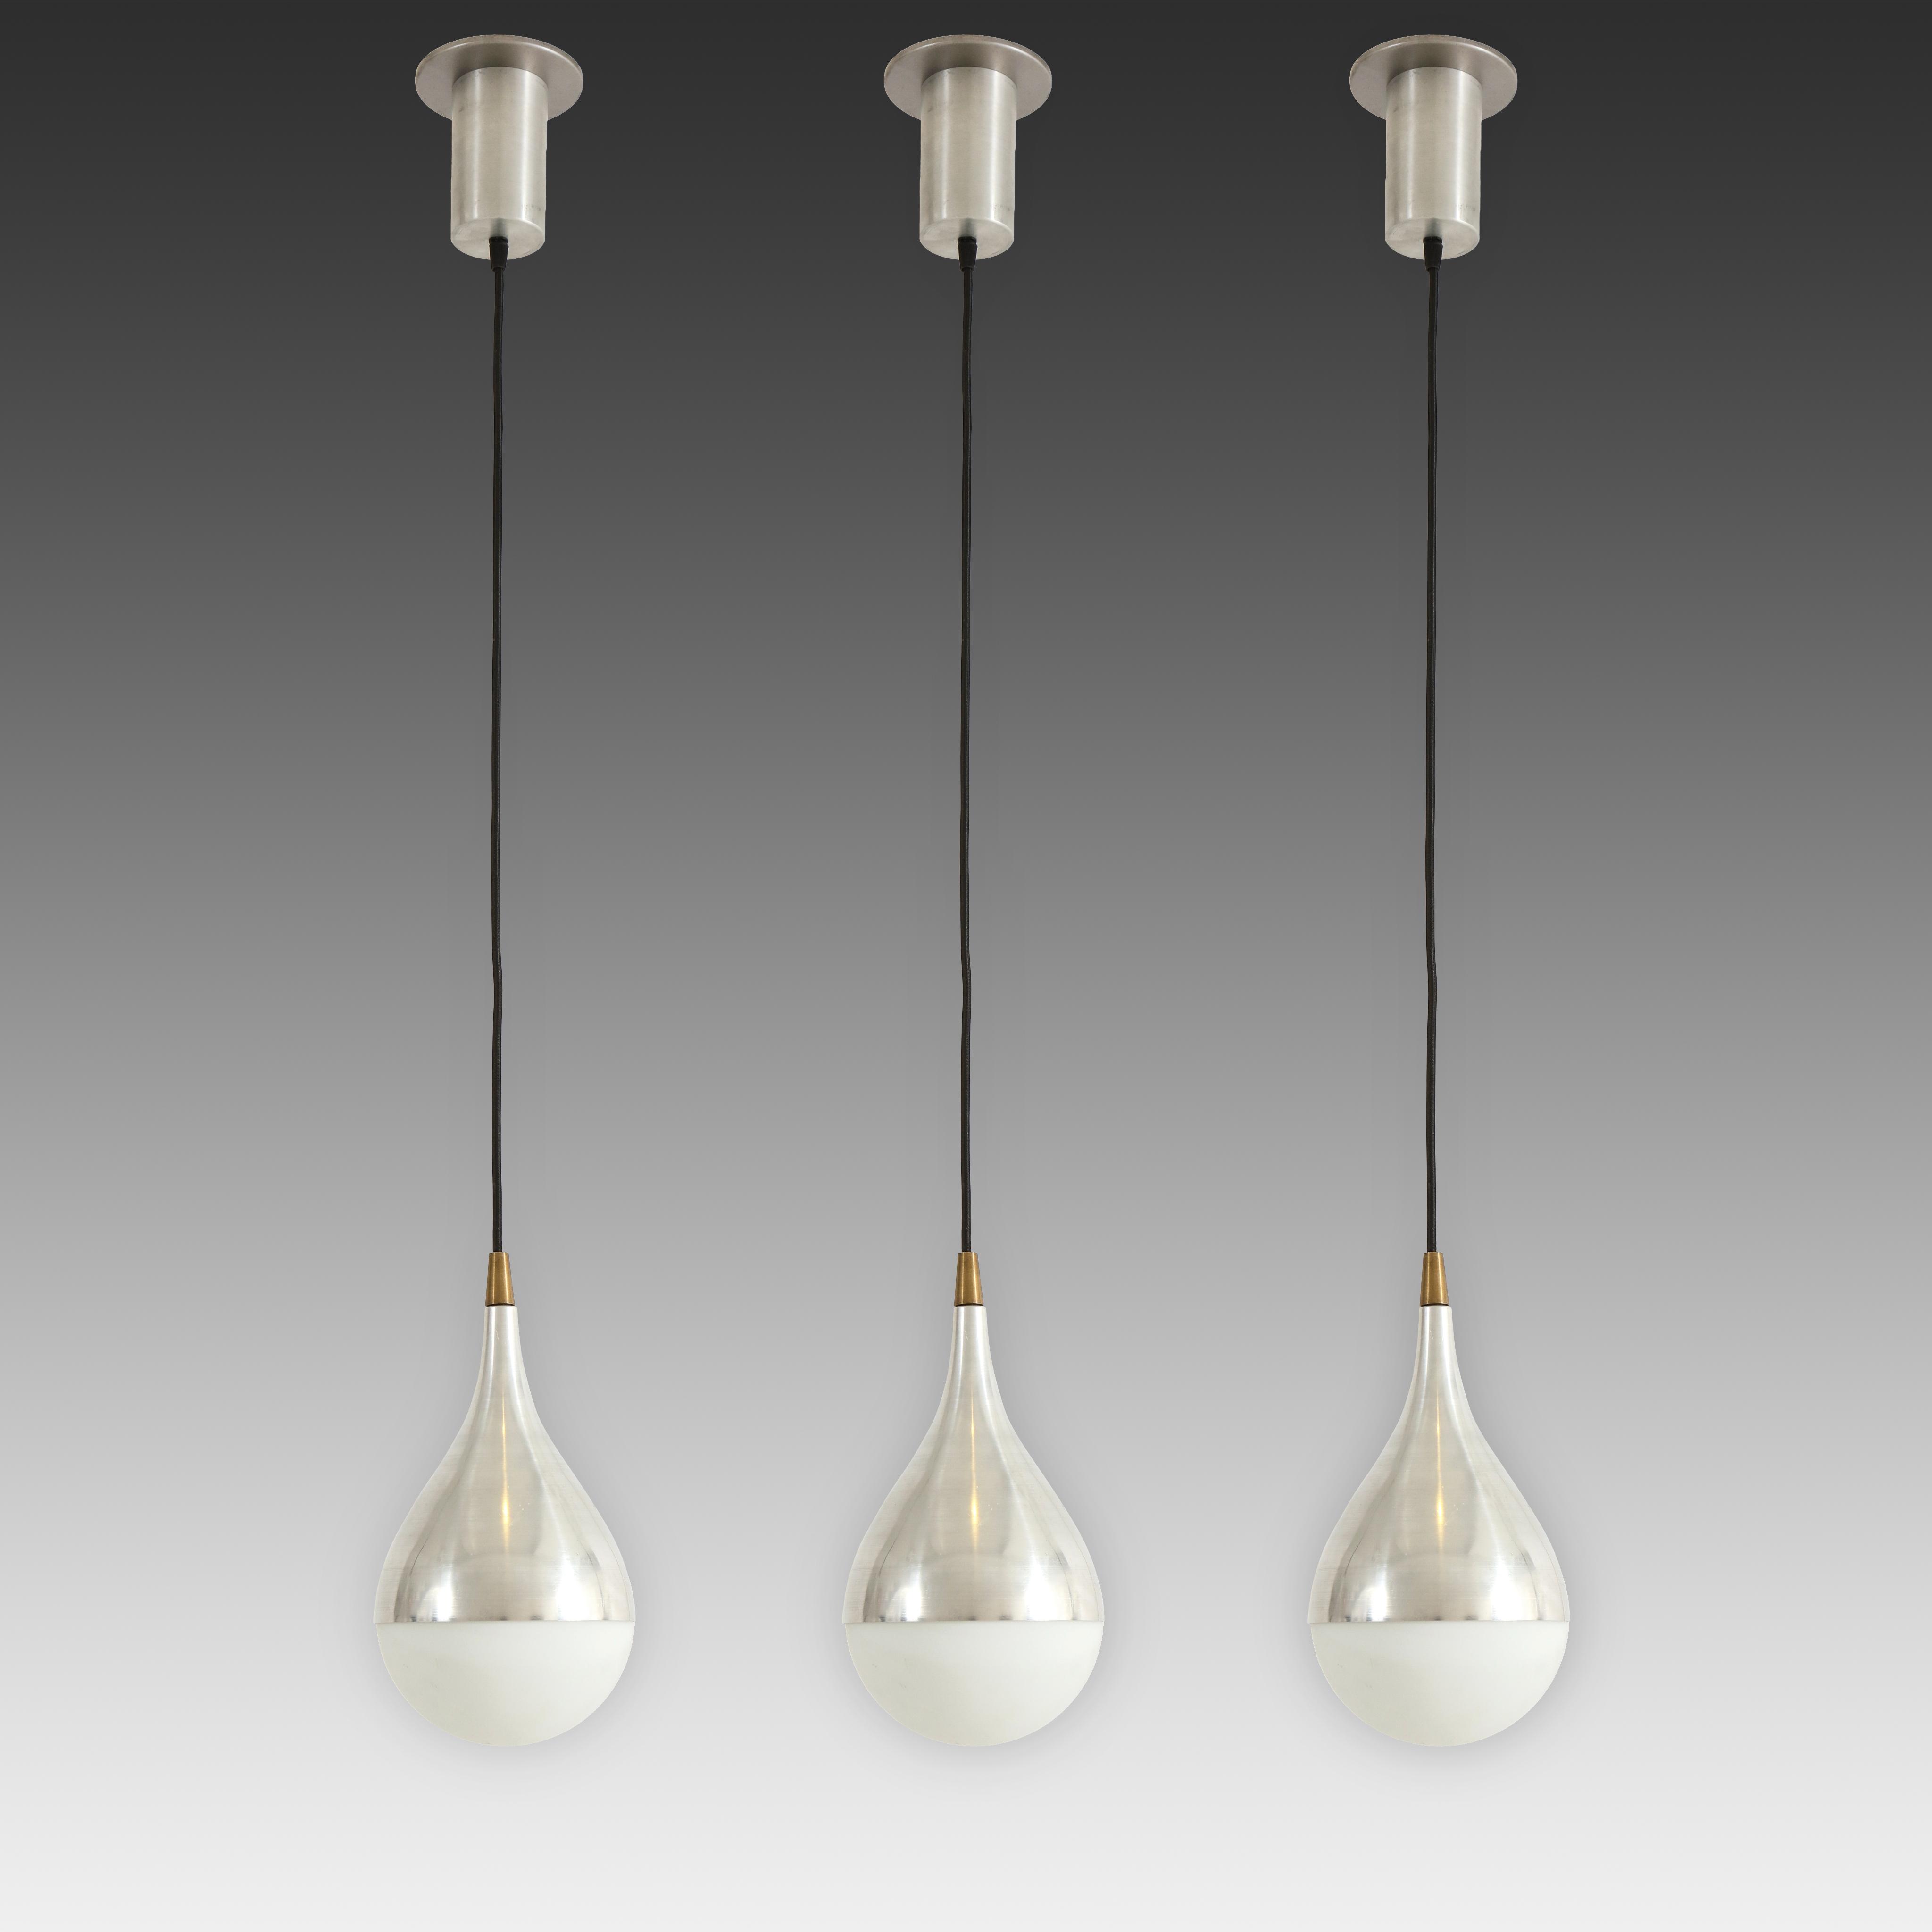 Set of Three Rare Pendants by Stilnovo   soyun k.